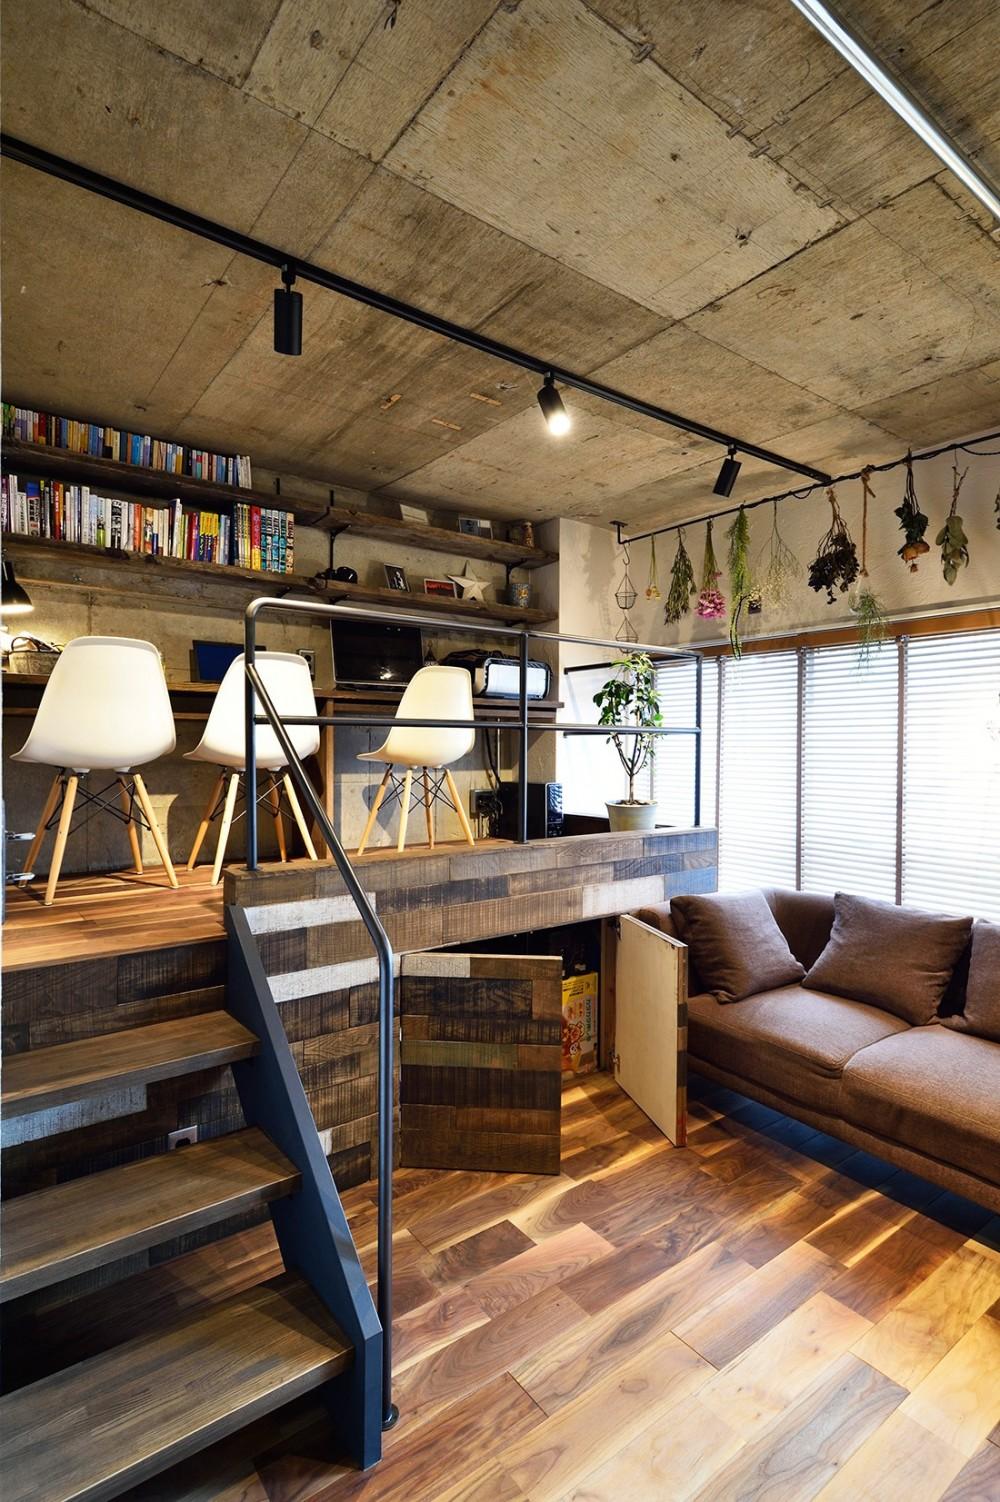 『コンクリート剥き出し』に自然素材をデザインする 大人ヴィンテージの温もりある癒しのリフォーム(マンション) (小上がりを使ったワークスペース)